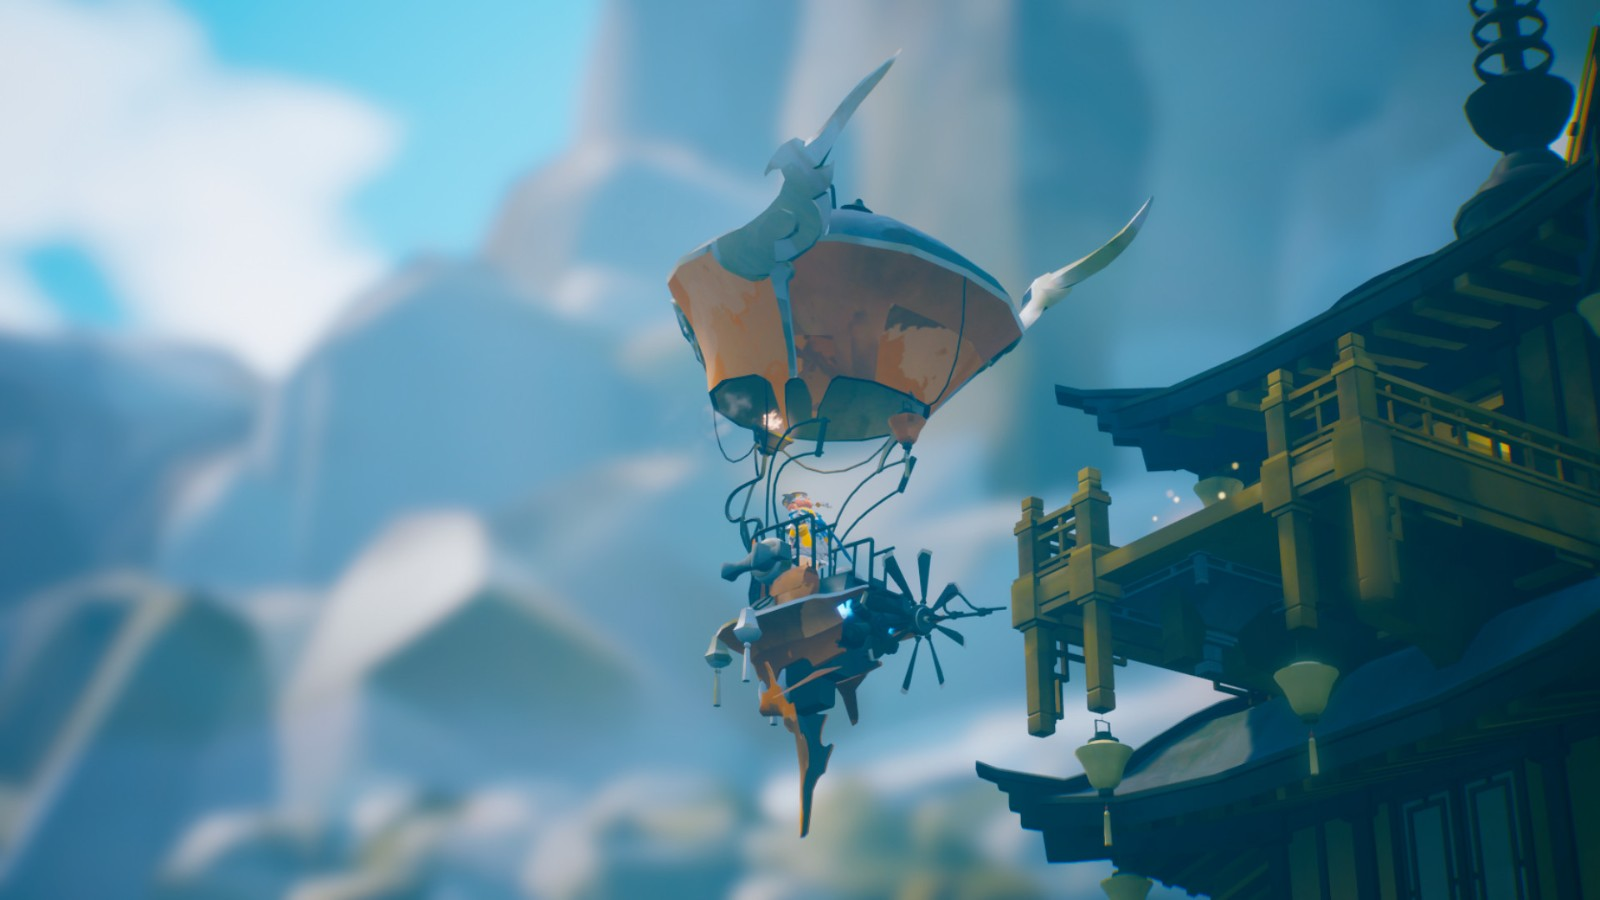 《黄昏沉眠街》确认推出主机版本 计划于今年底发售